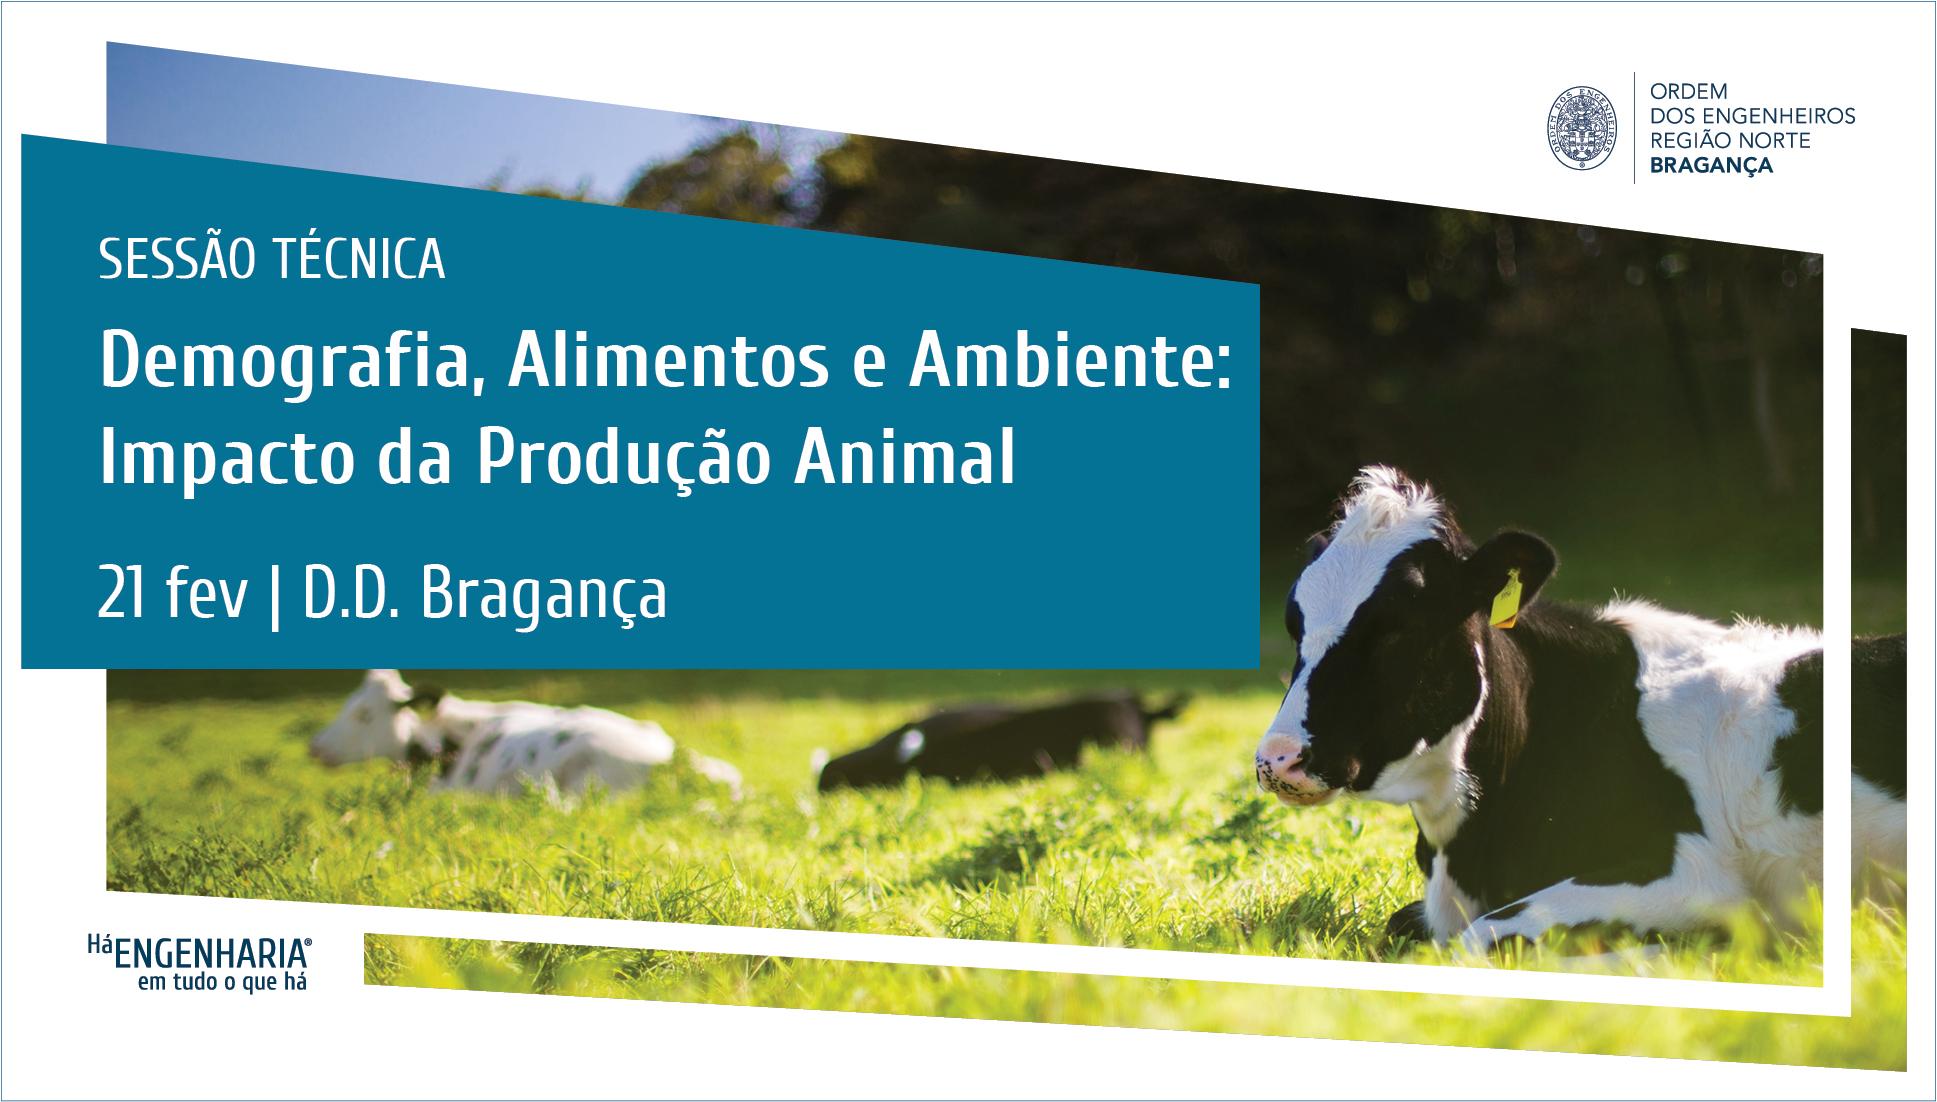 Plataforma Notícias Ordem Engenheiros Região Norte - Bragança apresenta sessão técnica sobre produção animal